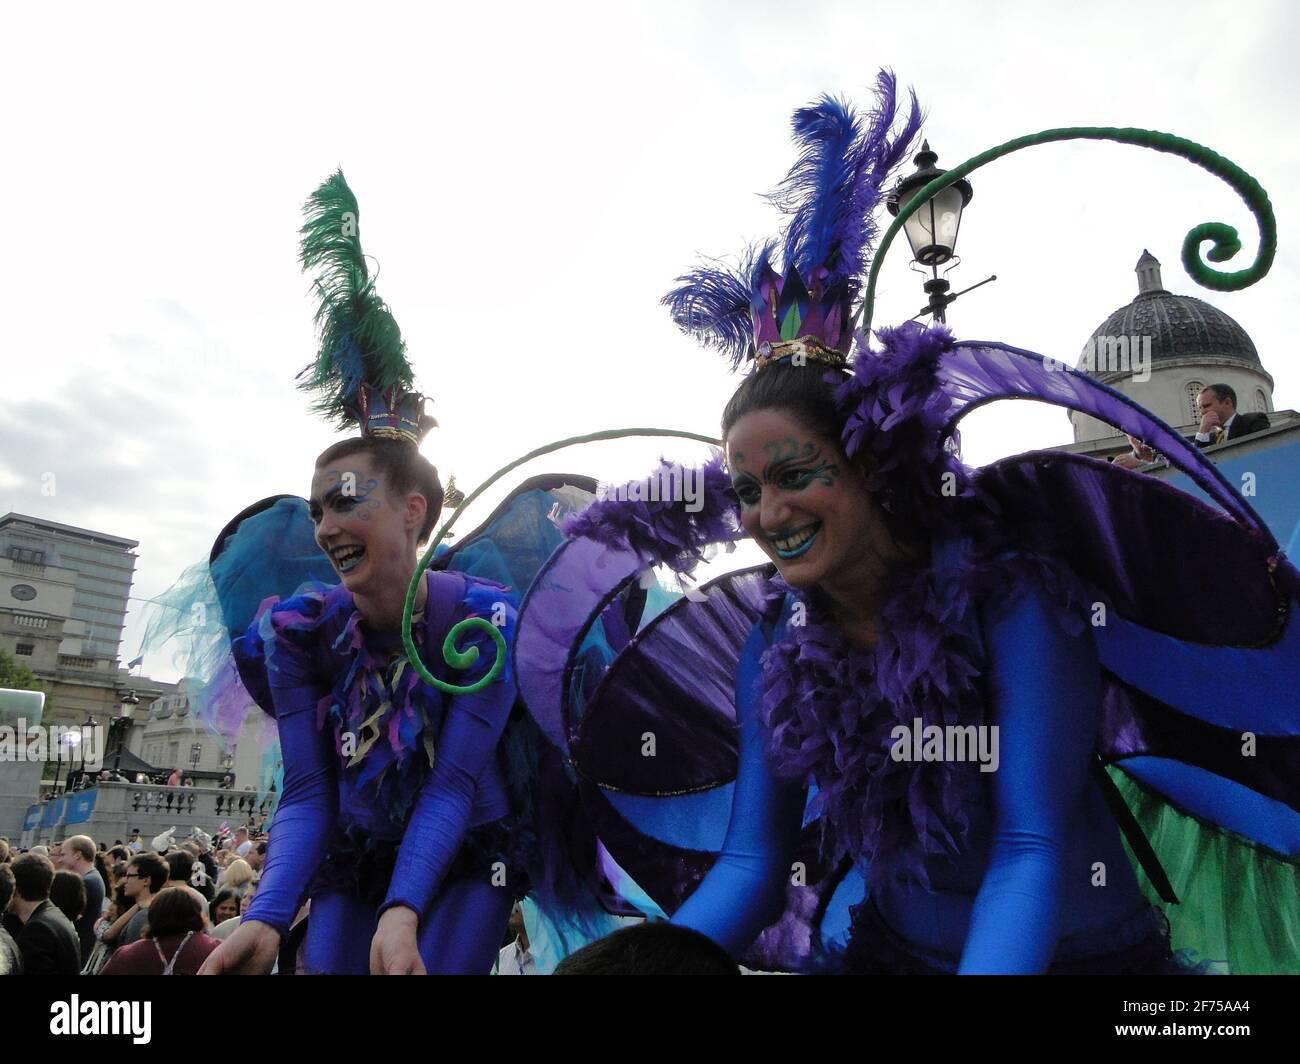 Une goutte d'eau à emporter ! - concert sur la place Trafalgar 1 an avant les Jeux Olympiques 2012, Londres, Royaume-Uni Banque D'Images